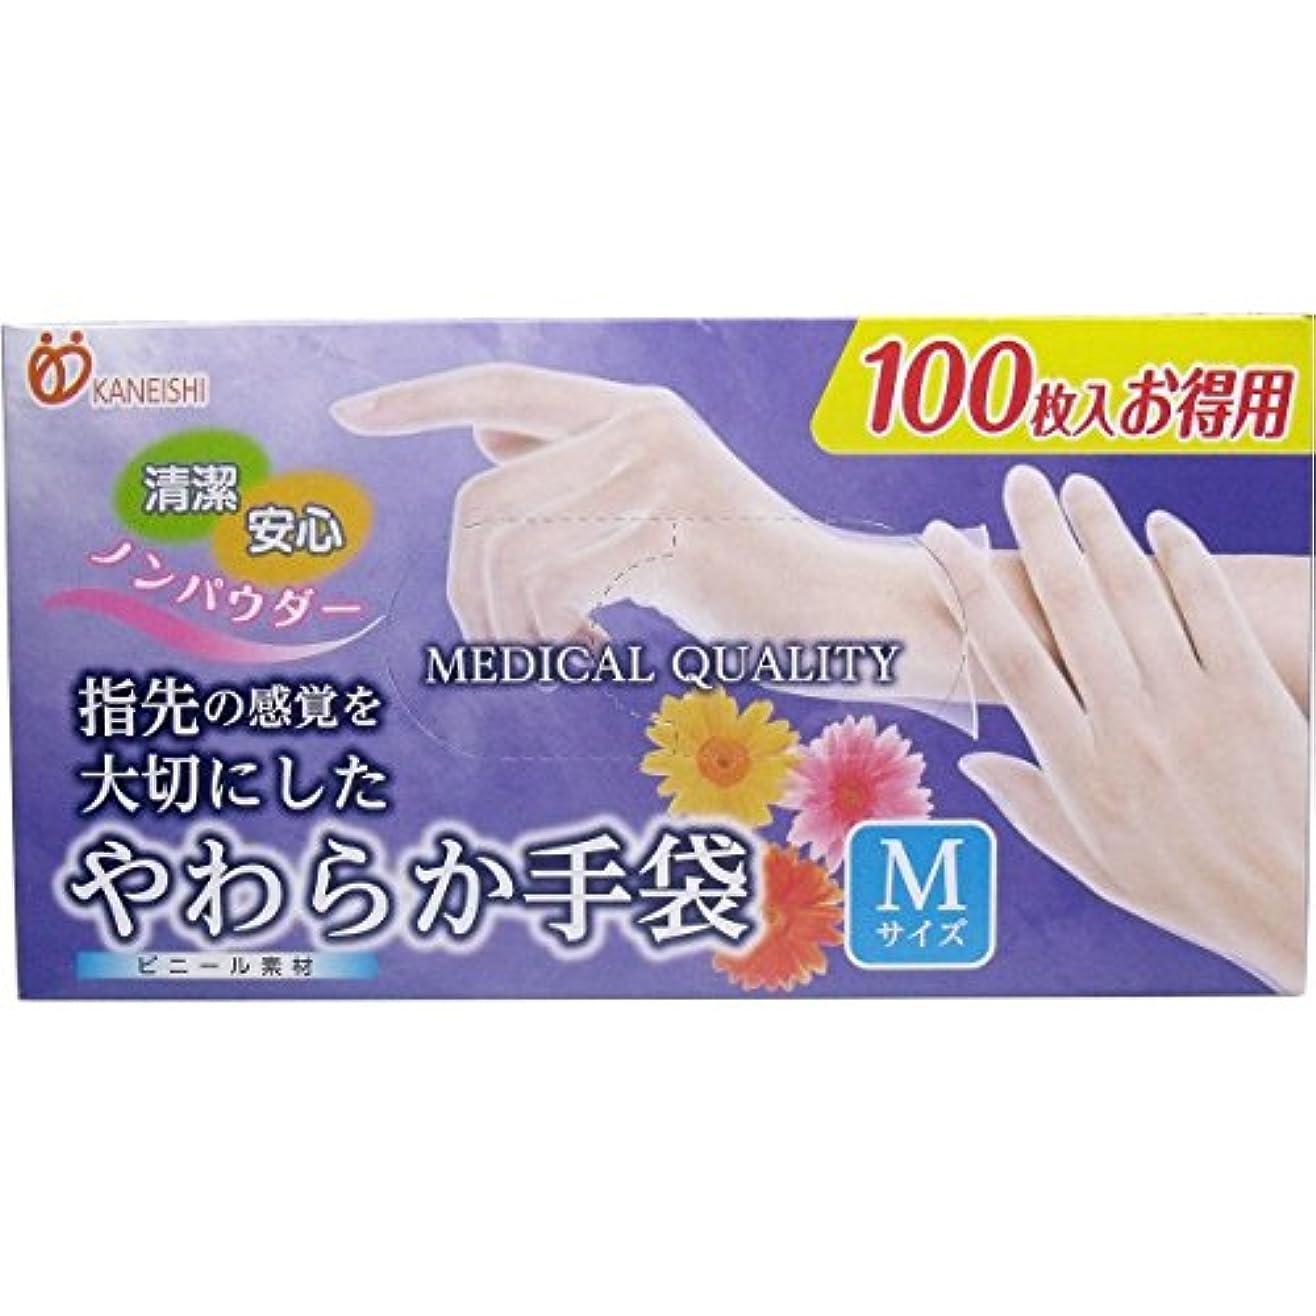 ウィザードバンジージャンプこしょうやわらか手袋 ビニール素材 Mサイズ 100枚入x9